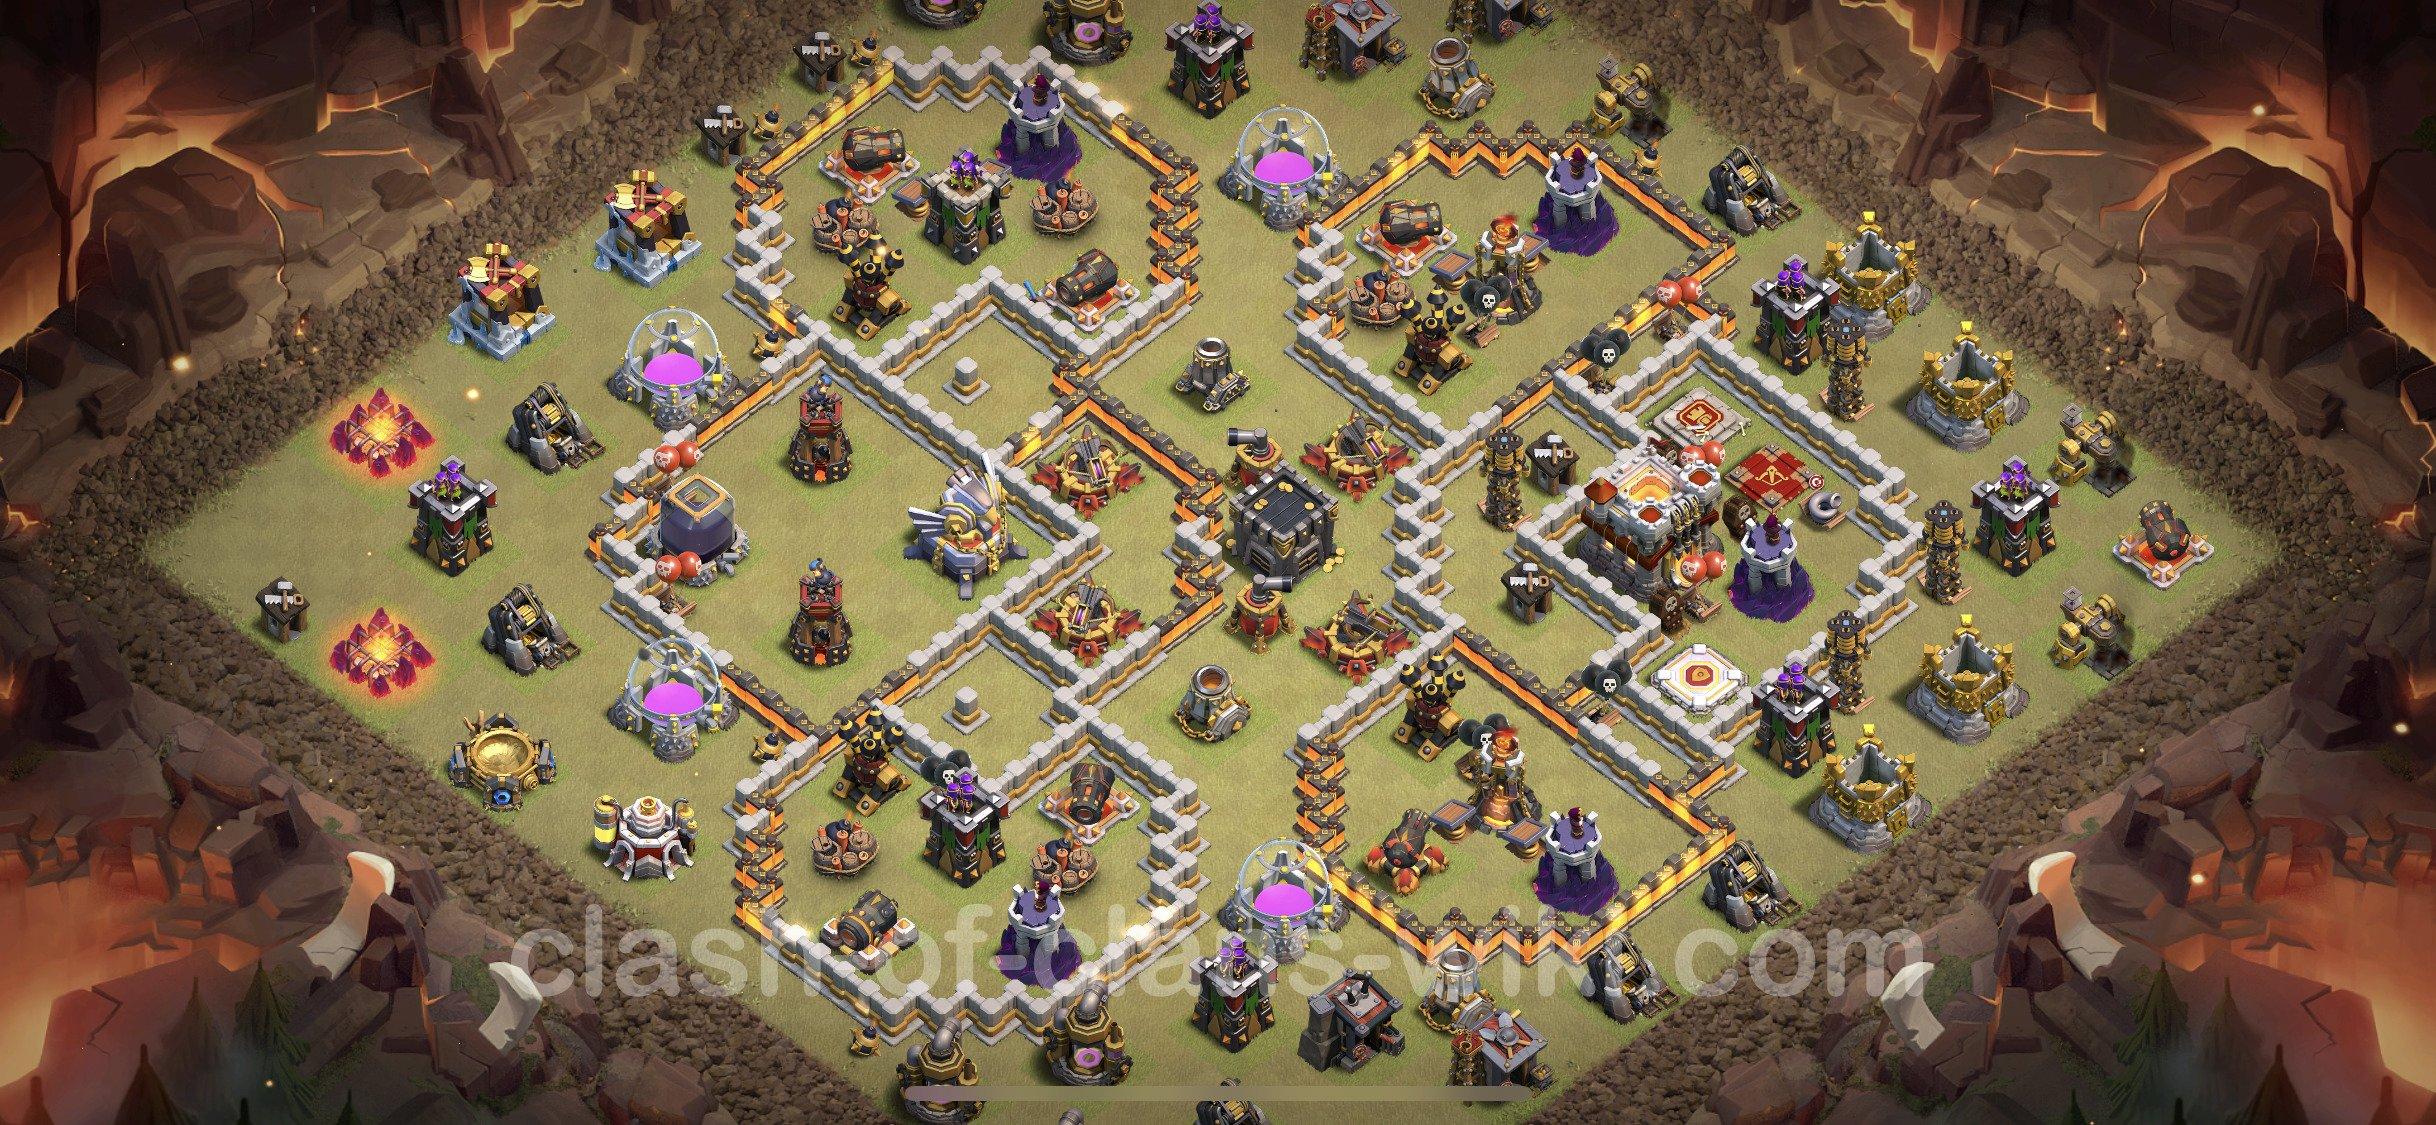 Cập nhật mẫu base TH11 thủ War mới nhất 2021 | Clash of Clans 2021 base link TH11